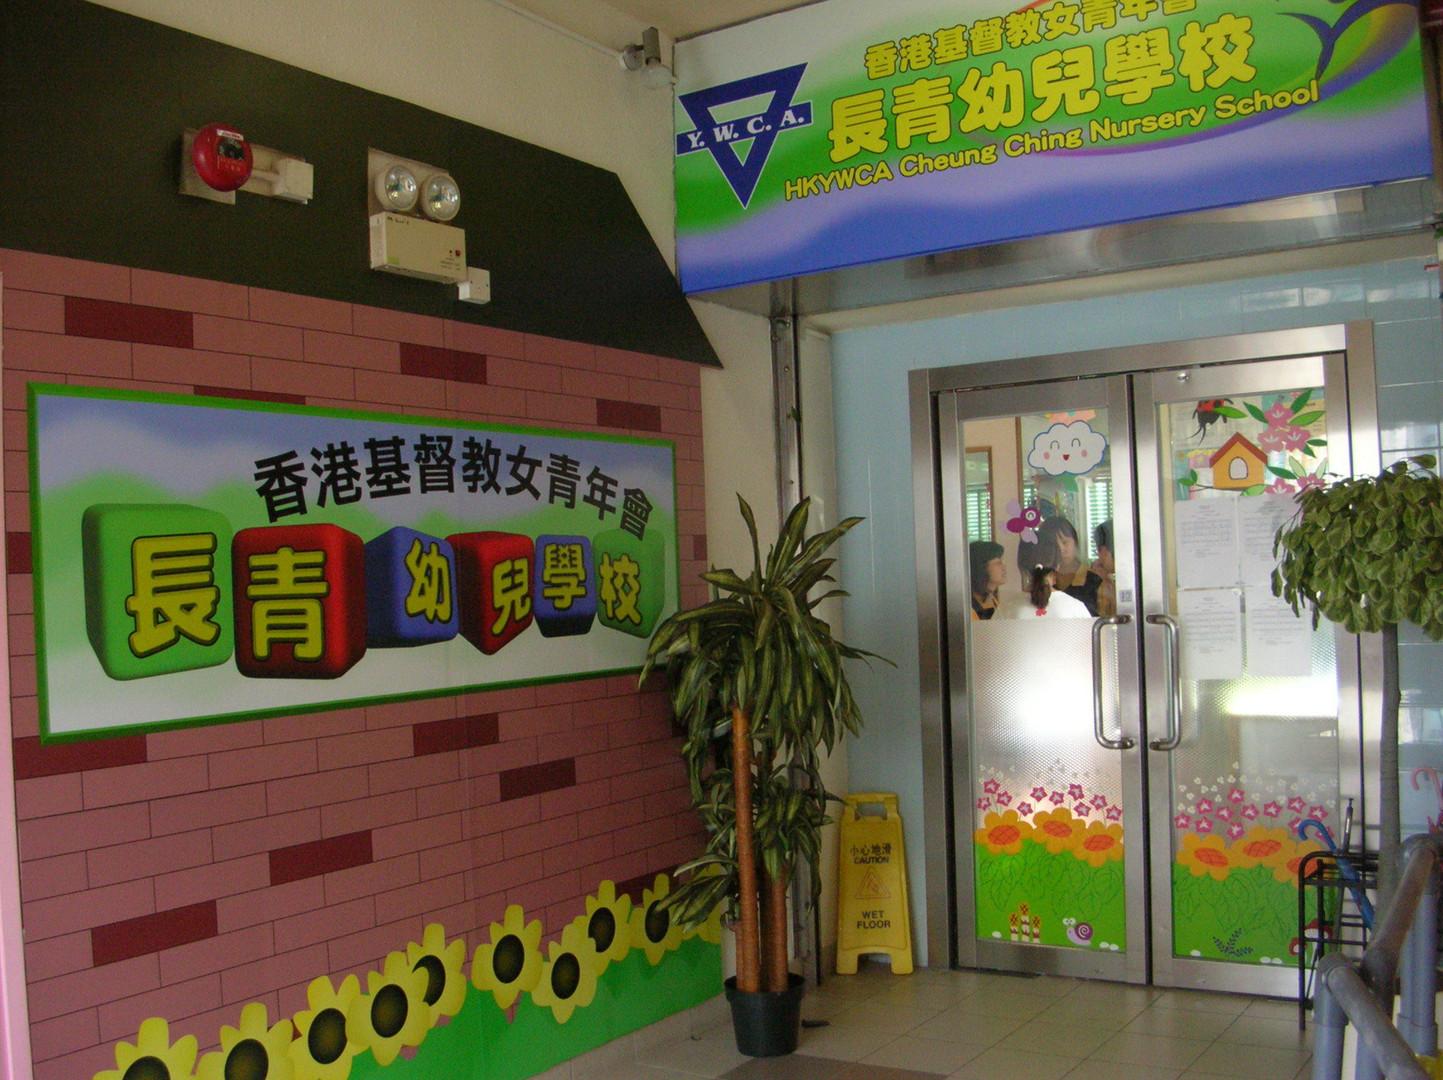 香港基督教女青年會長青幼兒學校1.jpg